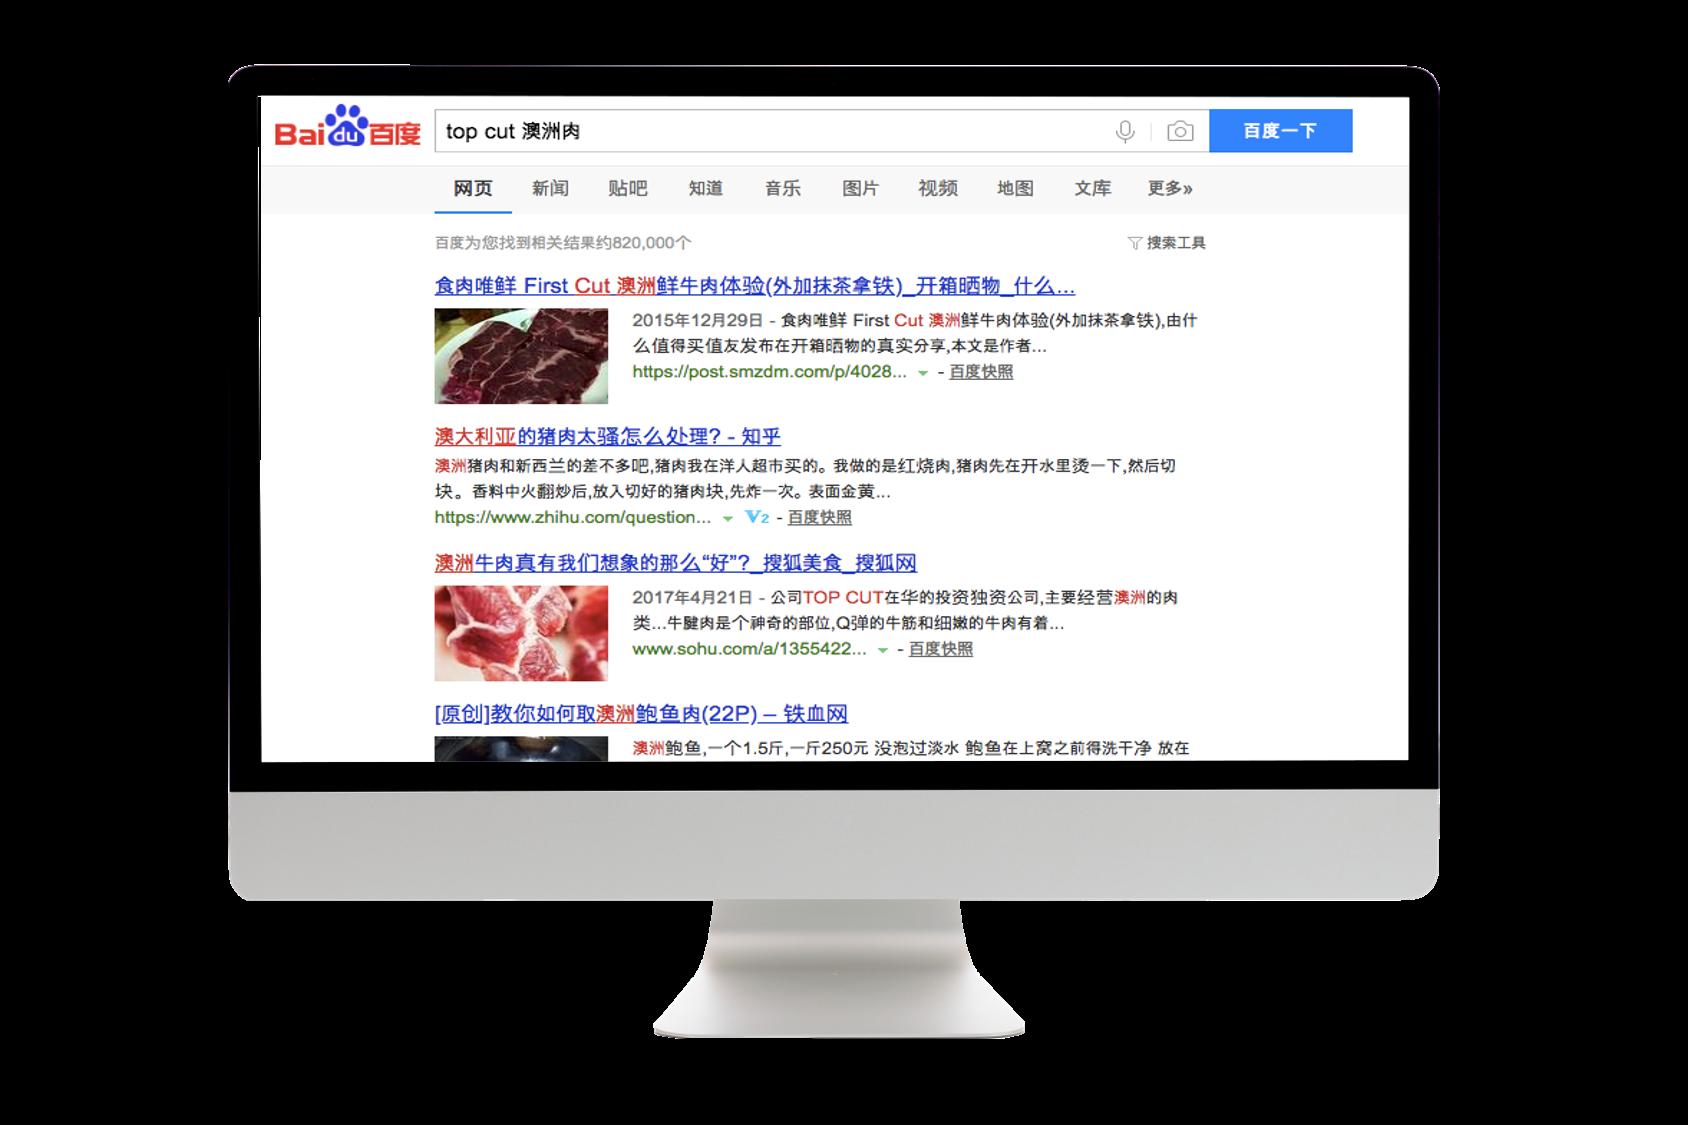 Online platform; Search online